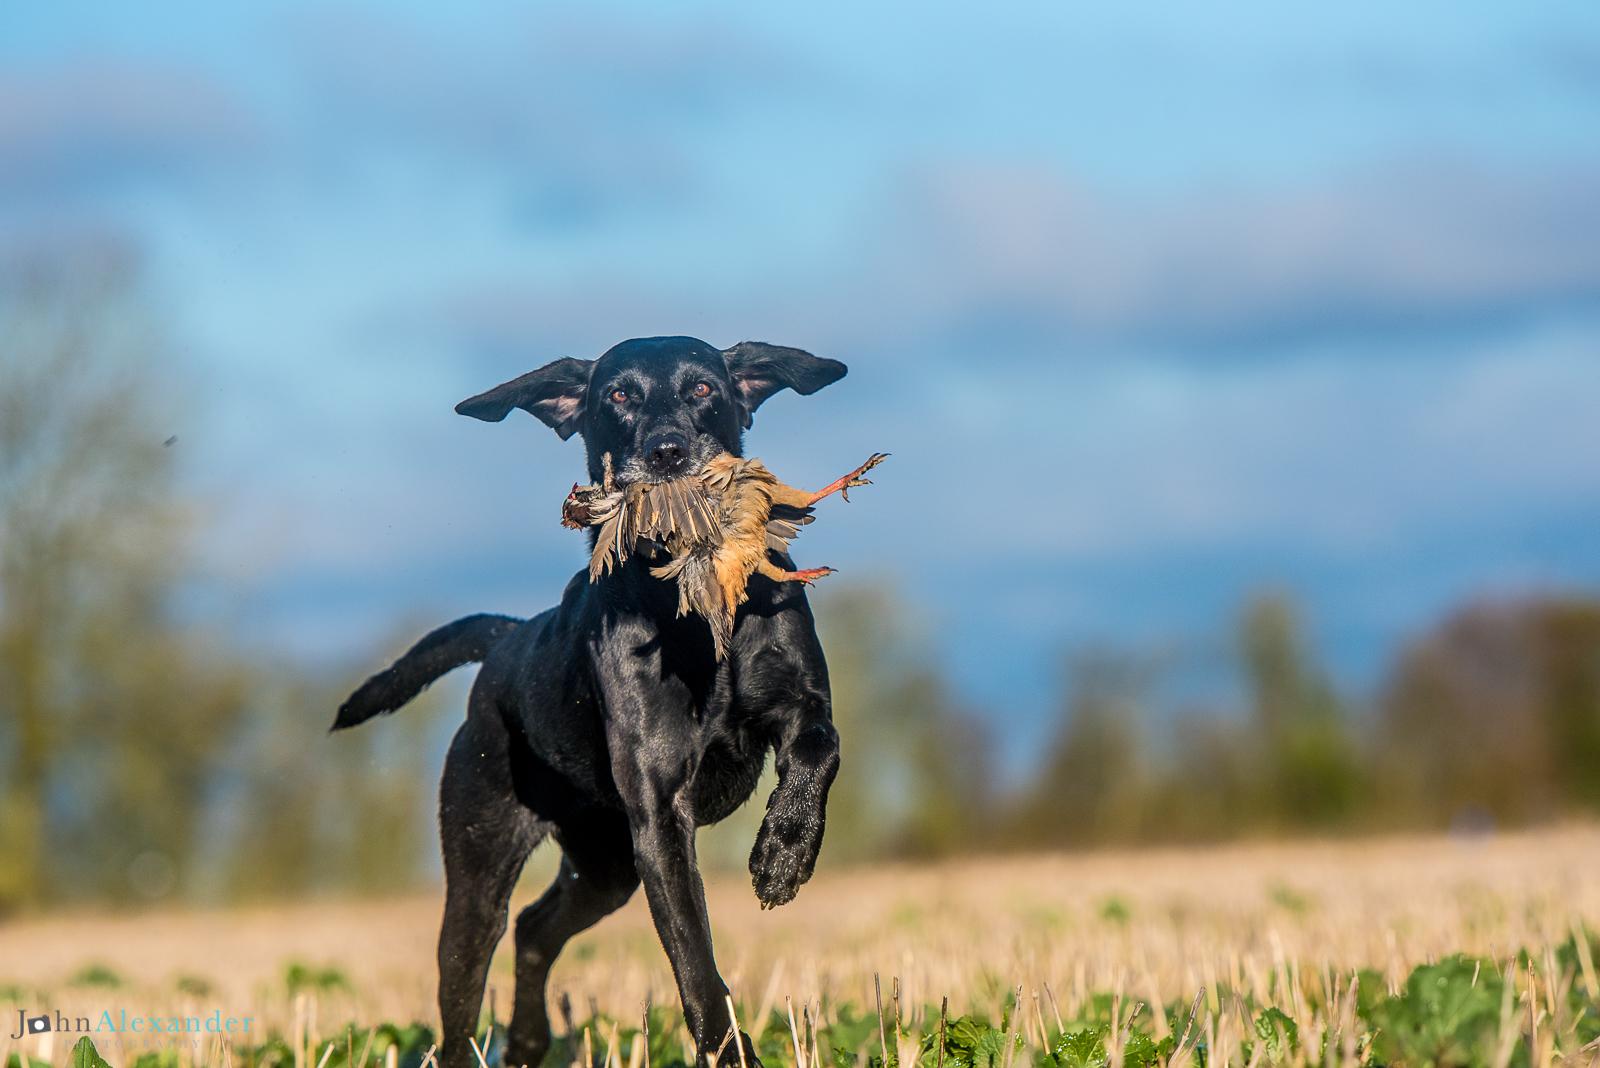 black labrador gun dog retrieving pheasant in cut field